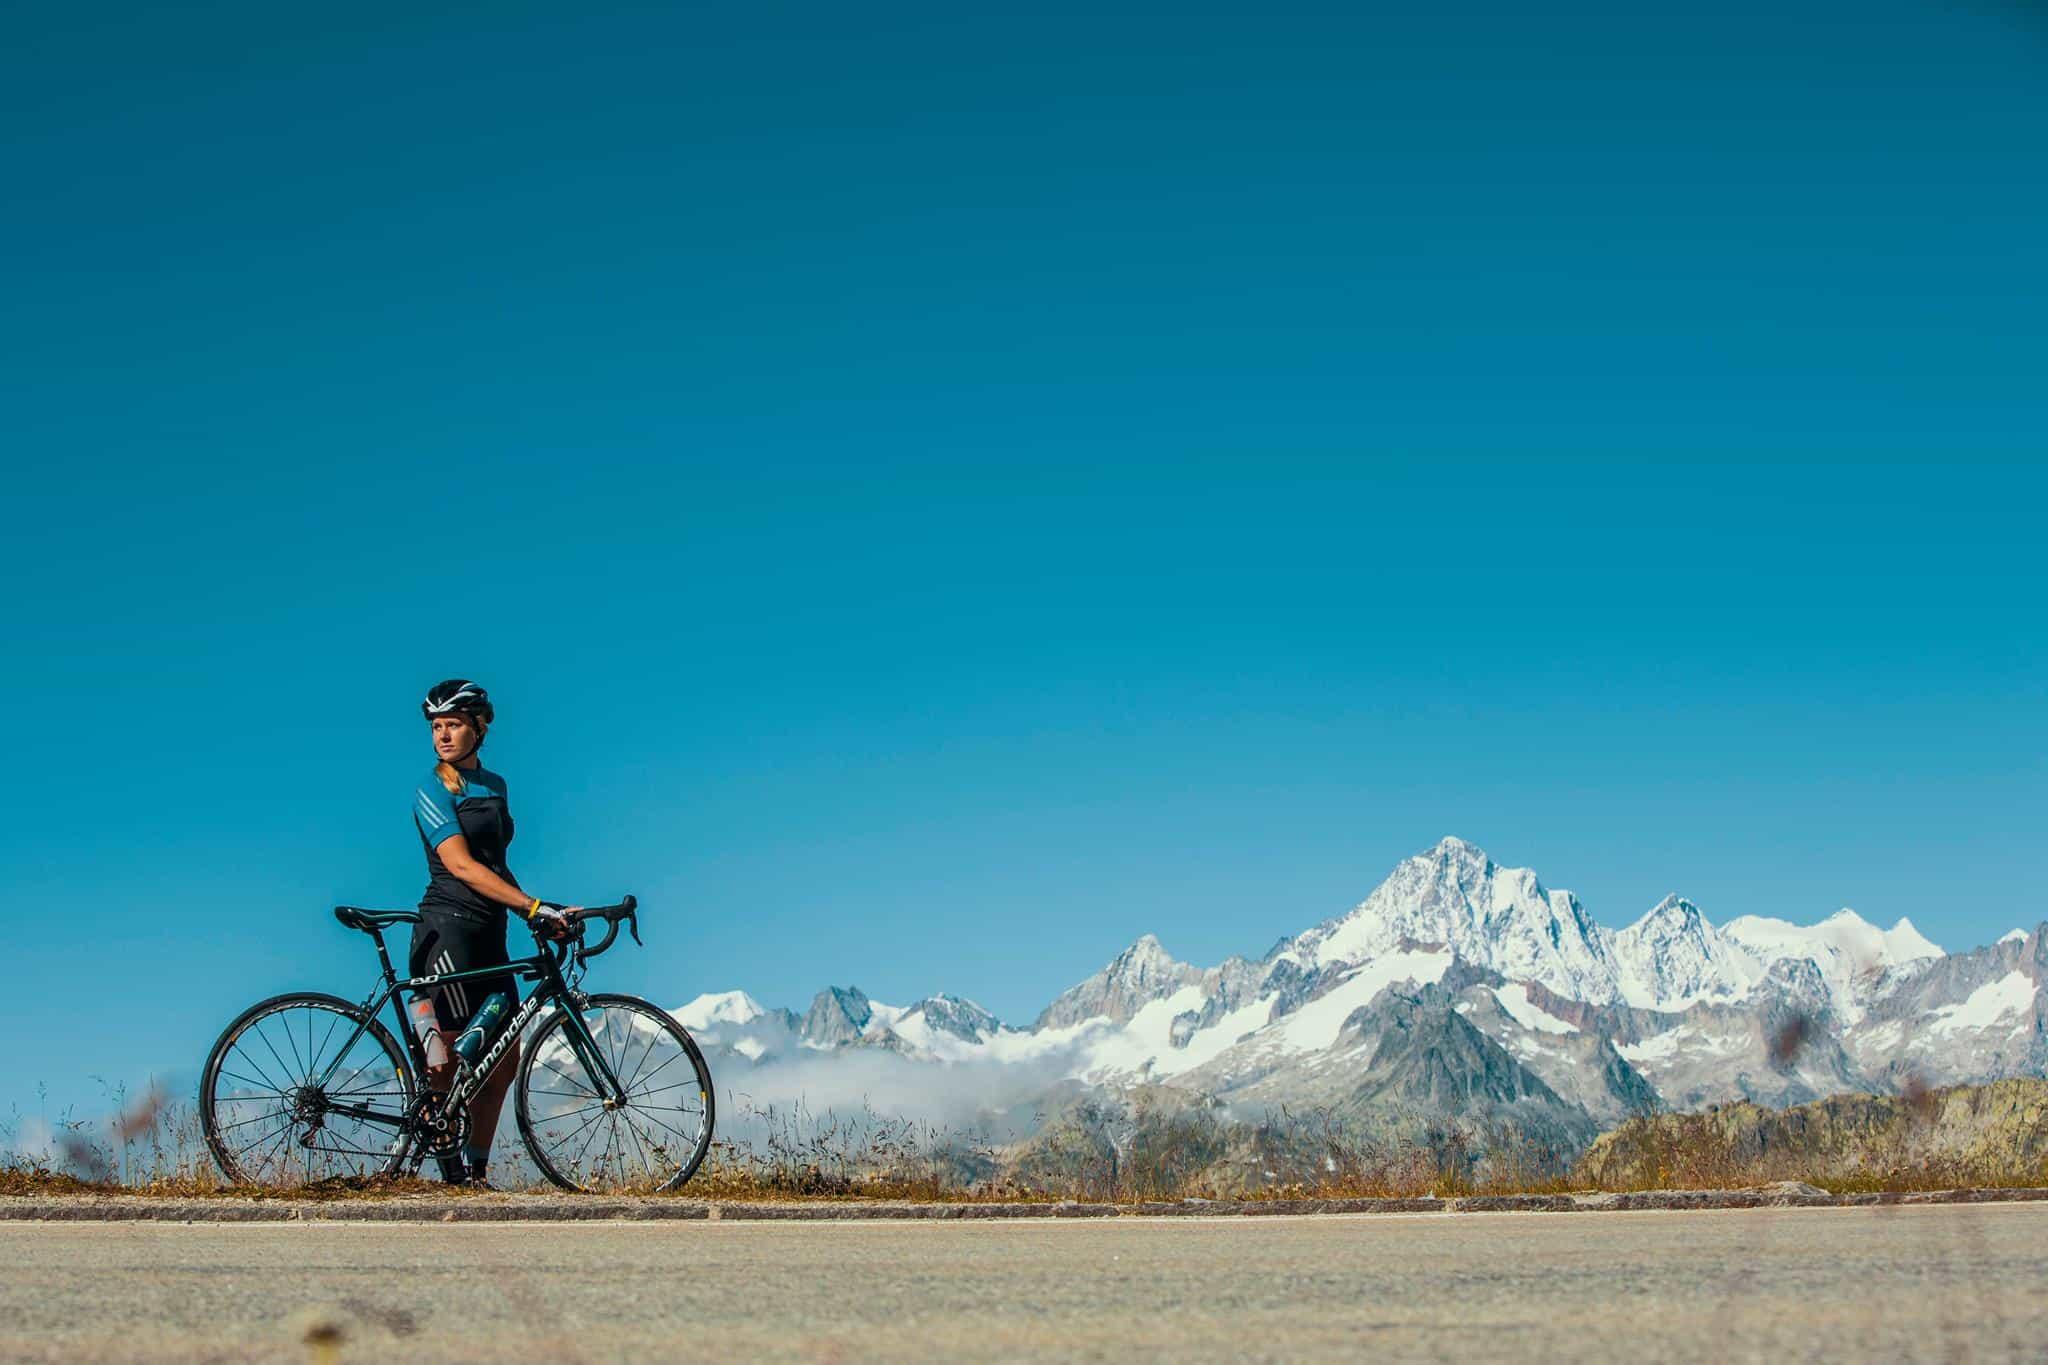 ProBikeKit – Pyöräily-, juoksu- ja triathlonvarusteet